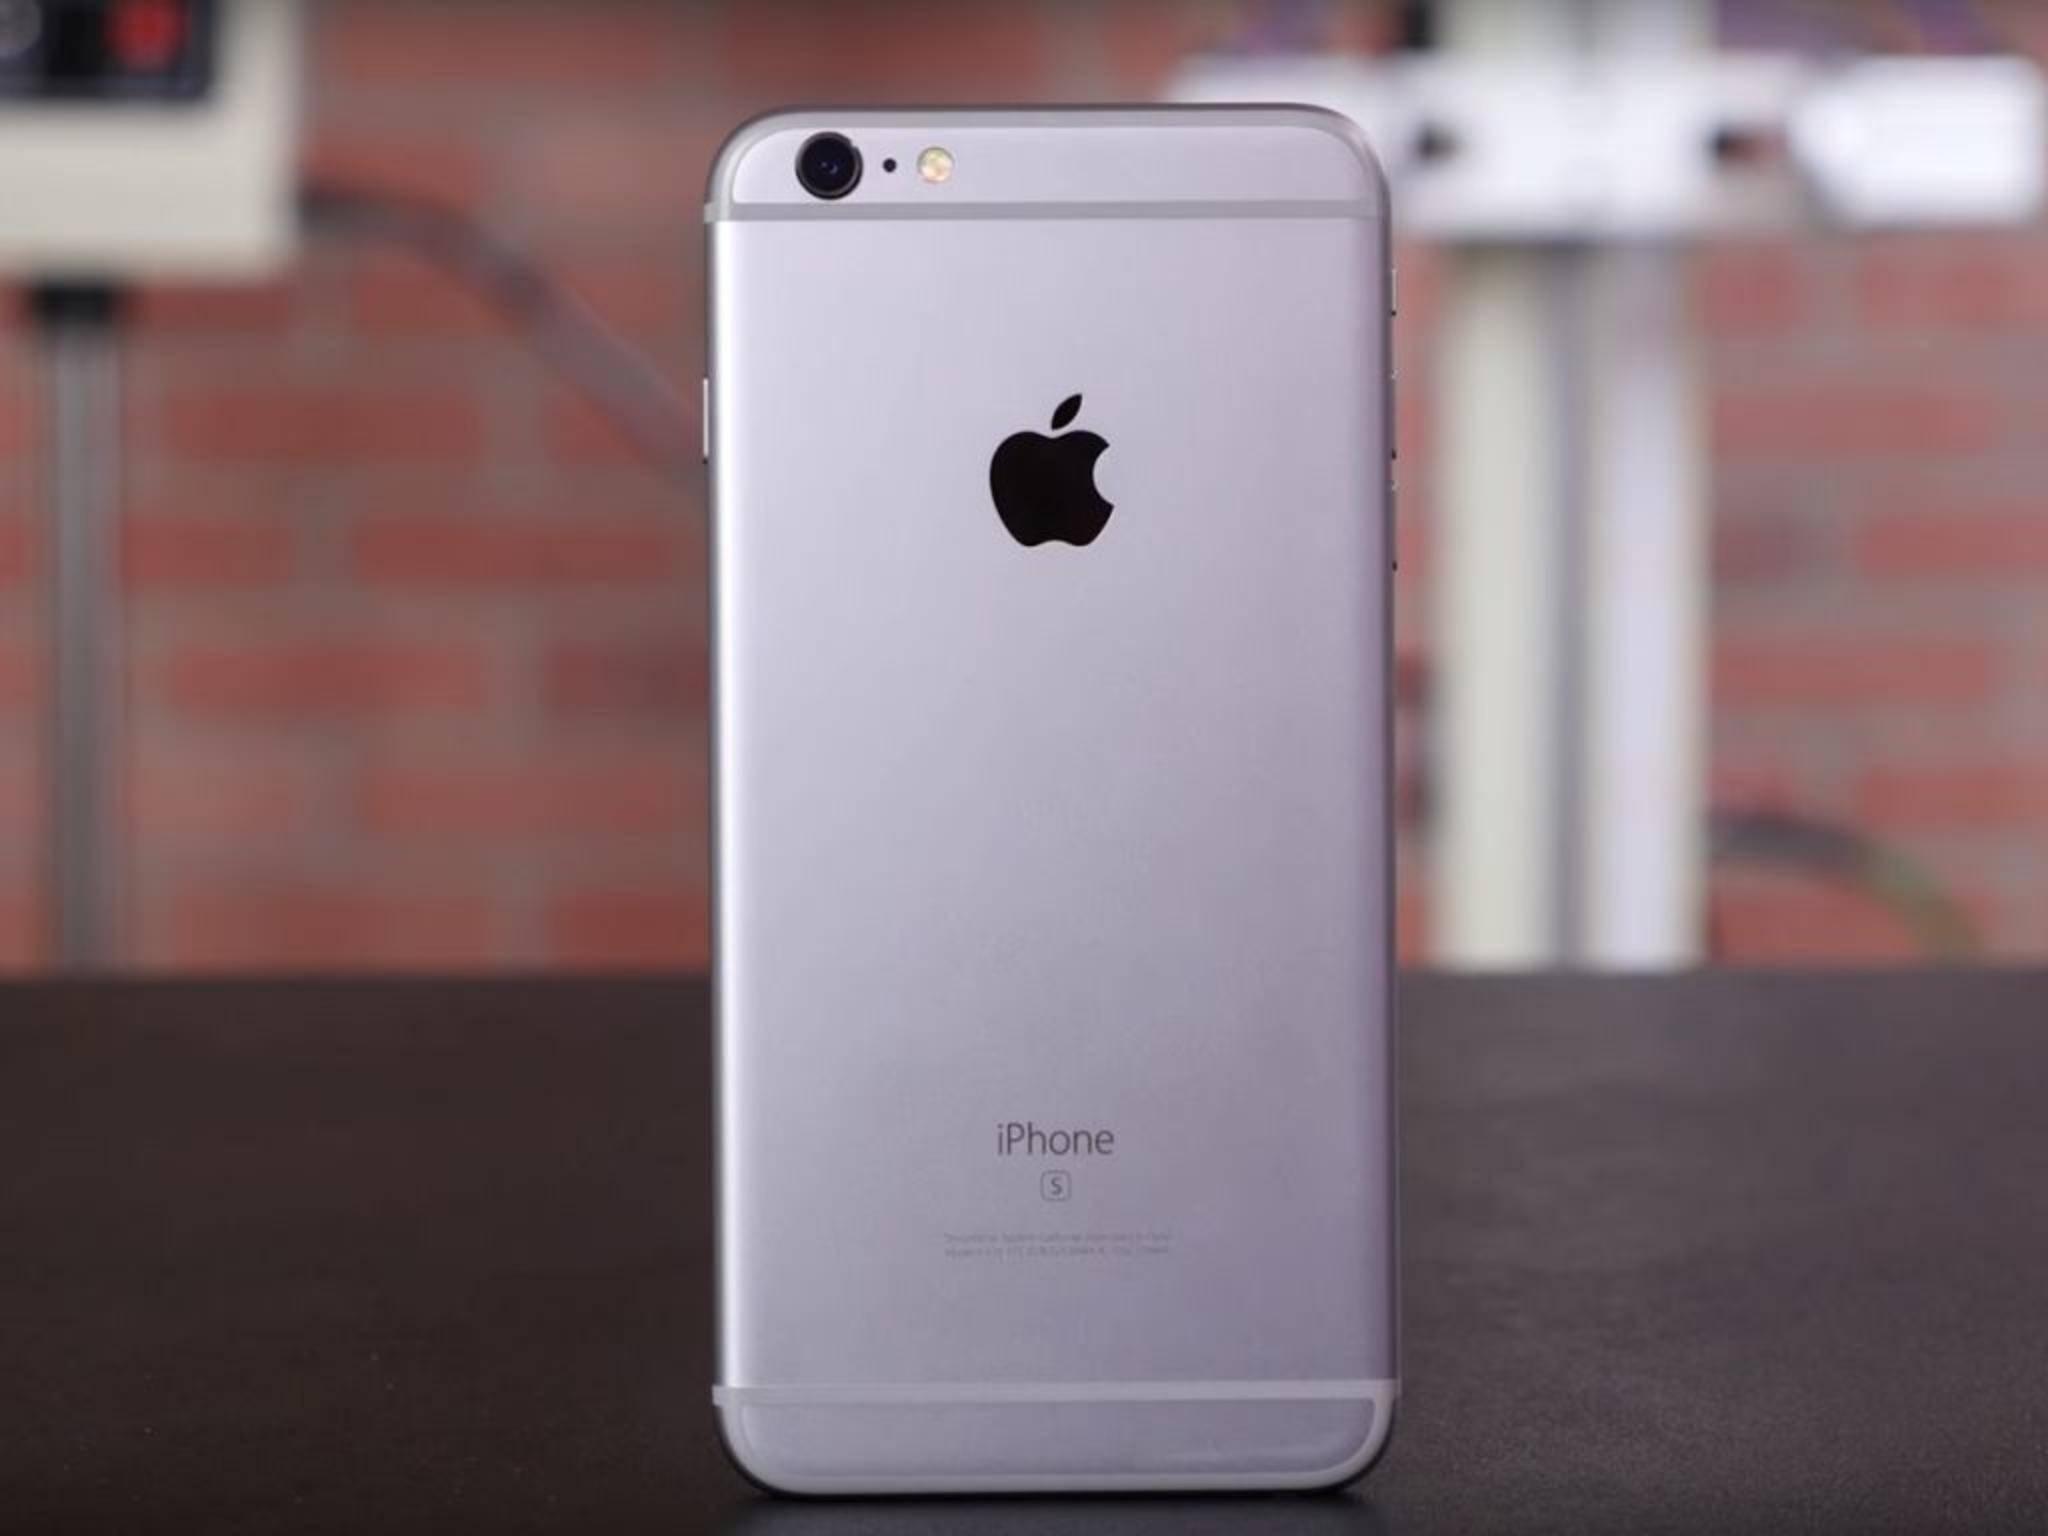 Der Preis des iPhone 6s ist in Deutschland plötzlich gestiegen.